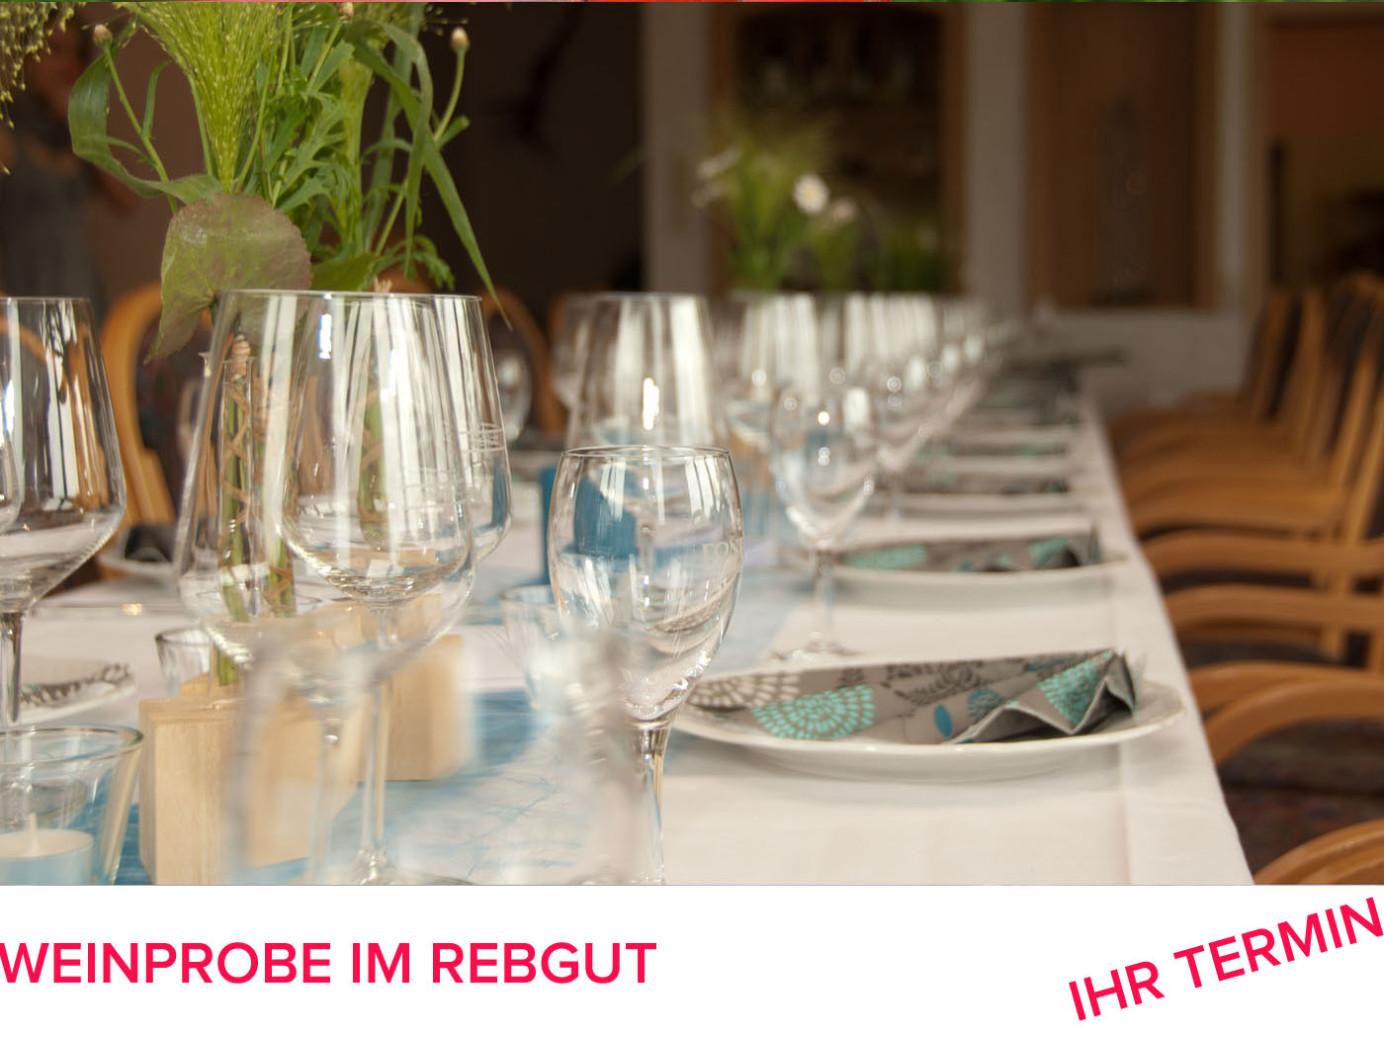 Veranstaltungen_Weinprobe_im_RebgutBUCHEN